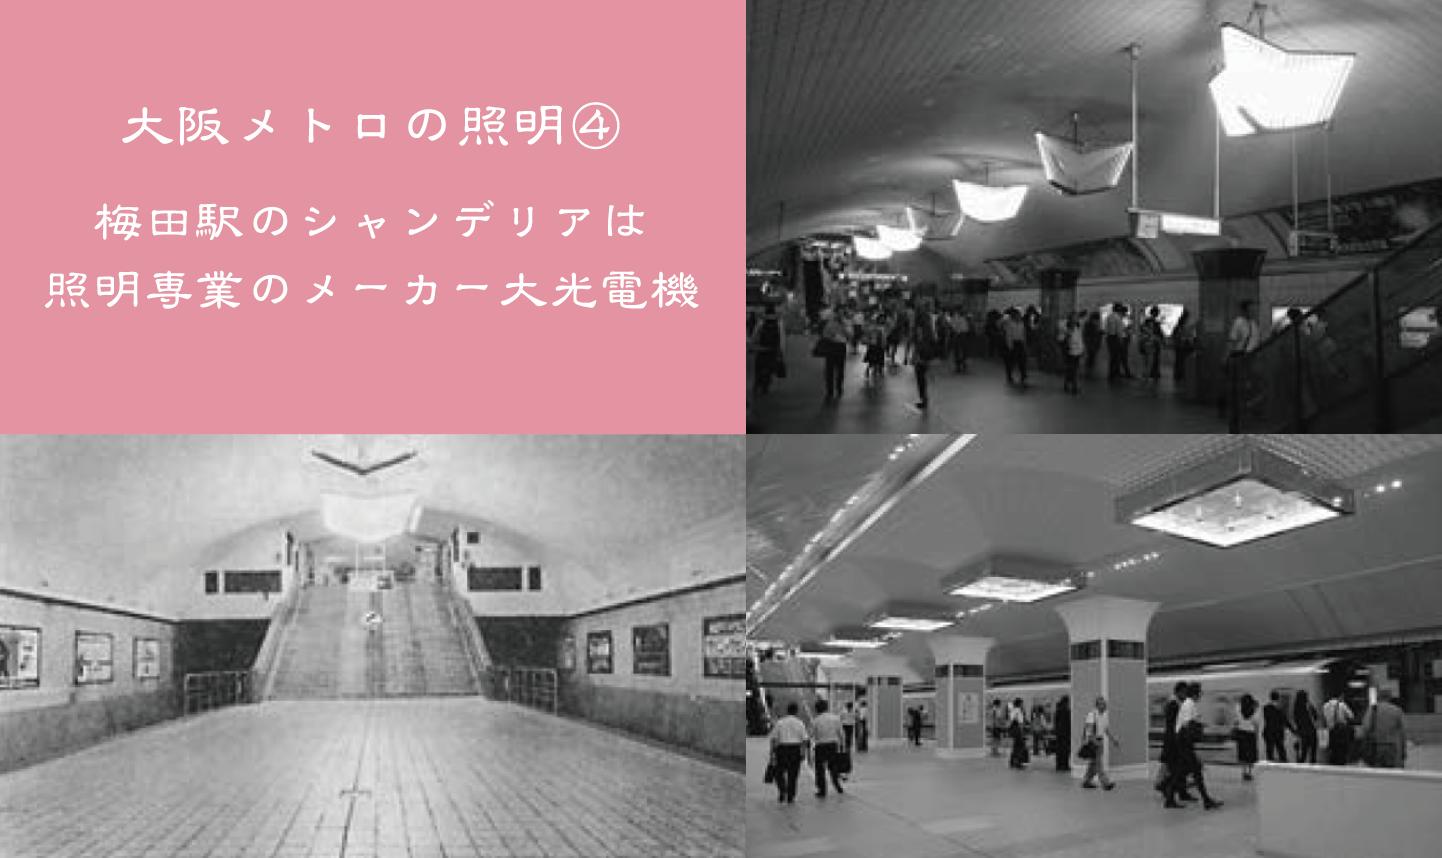 大阪メトロの照明 ④ 梅田駅のシャンデリアは照明専業のメーカー大光電機の画像